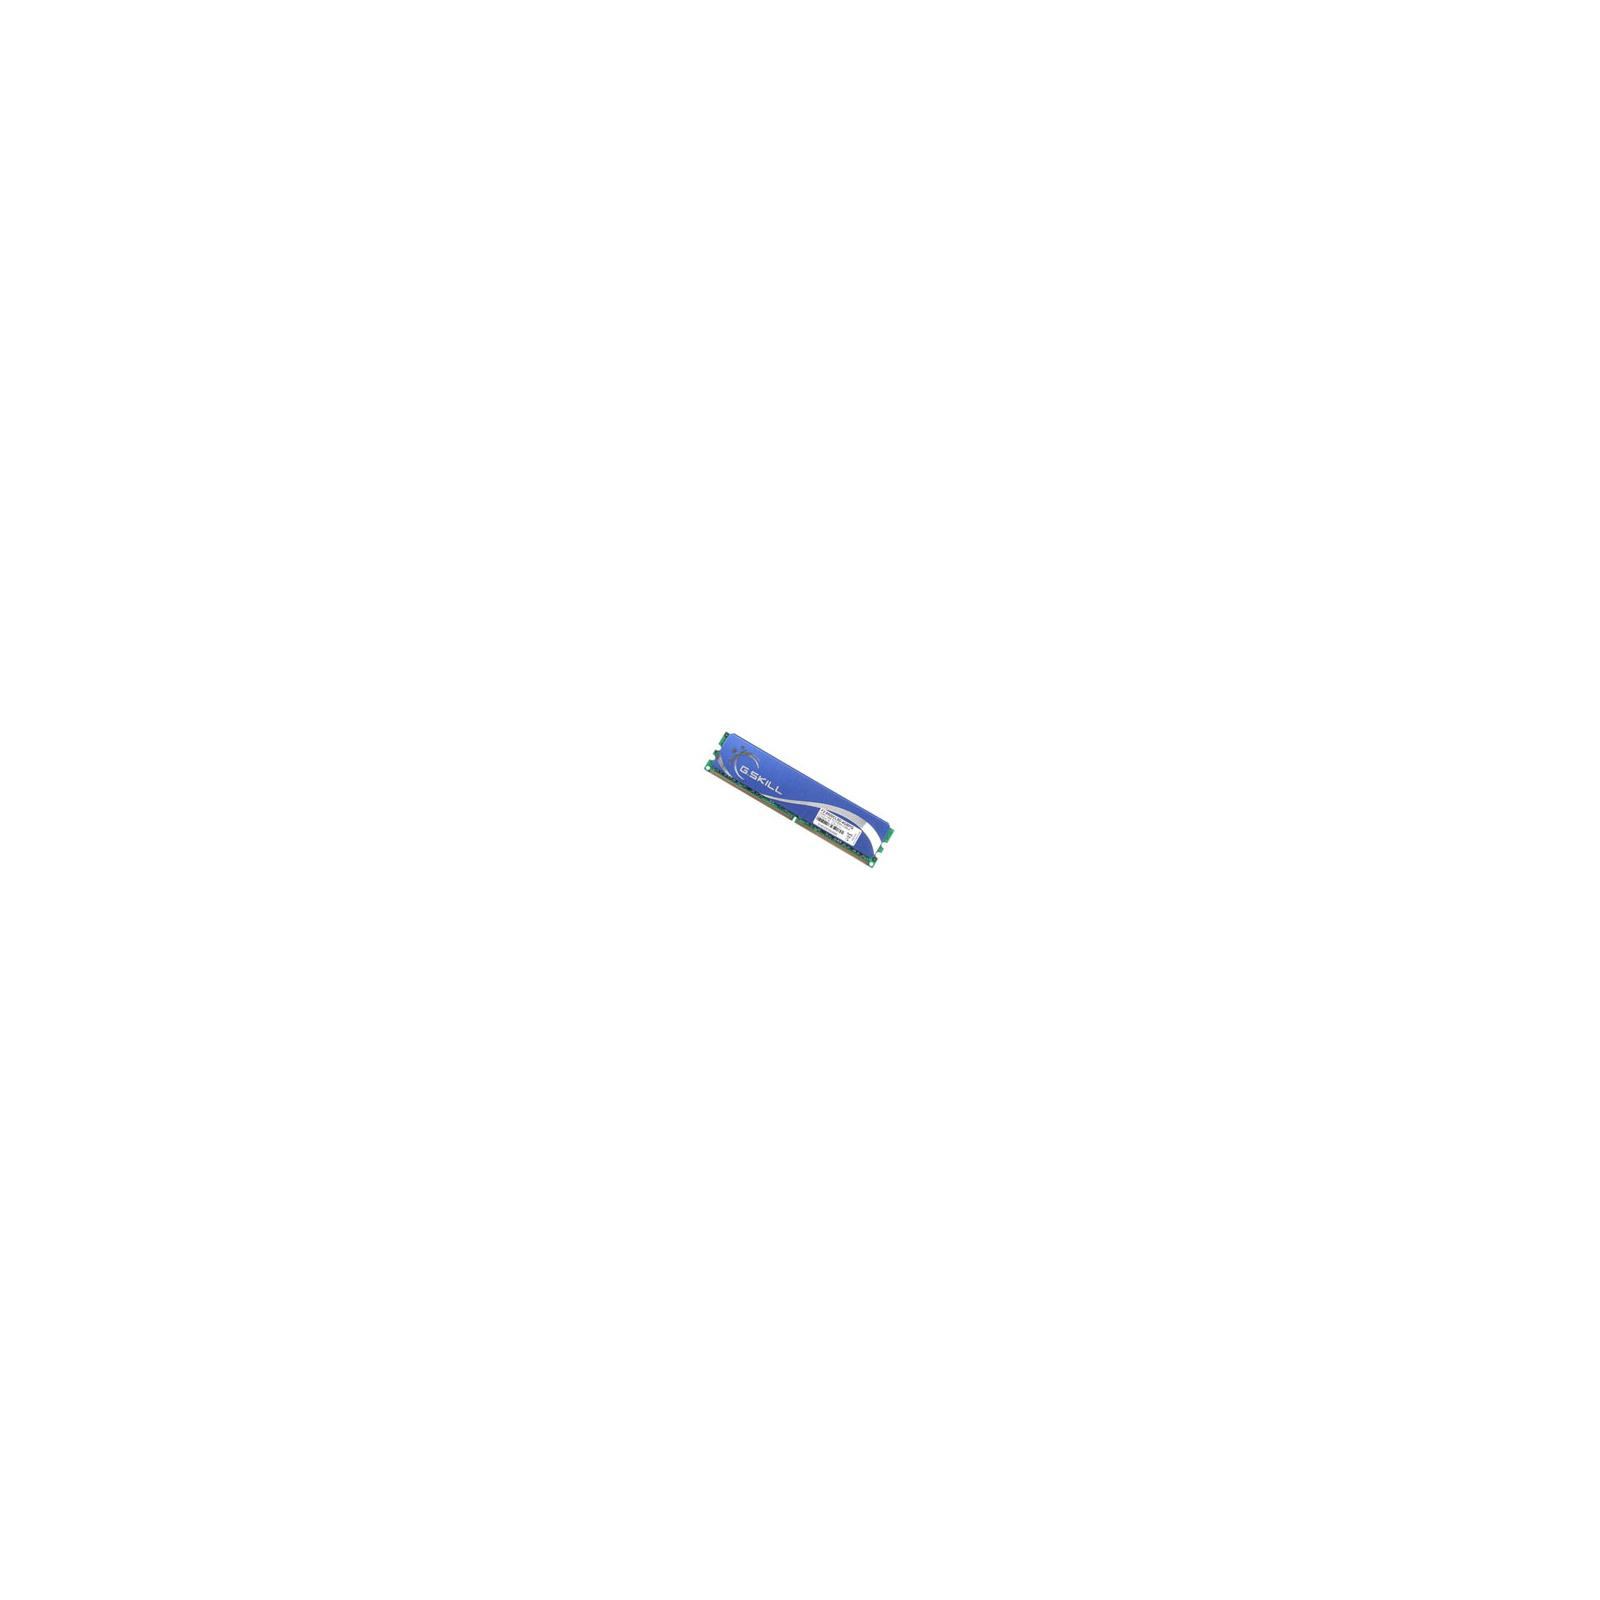 Модуль памяти для компьютера DDR2 4GB (2х2GB) 1066 MHz G.Skill (F2-8500CL5D-4GBPQ)